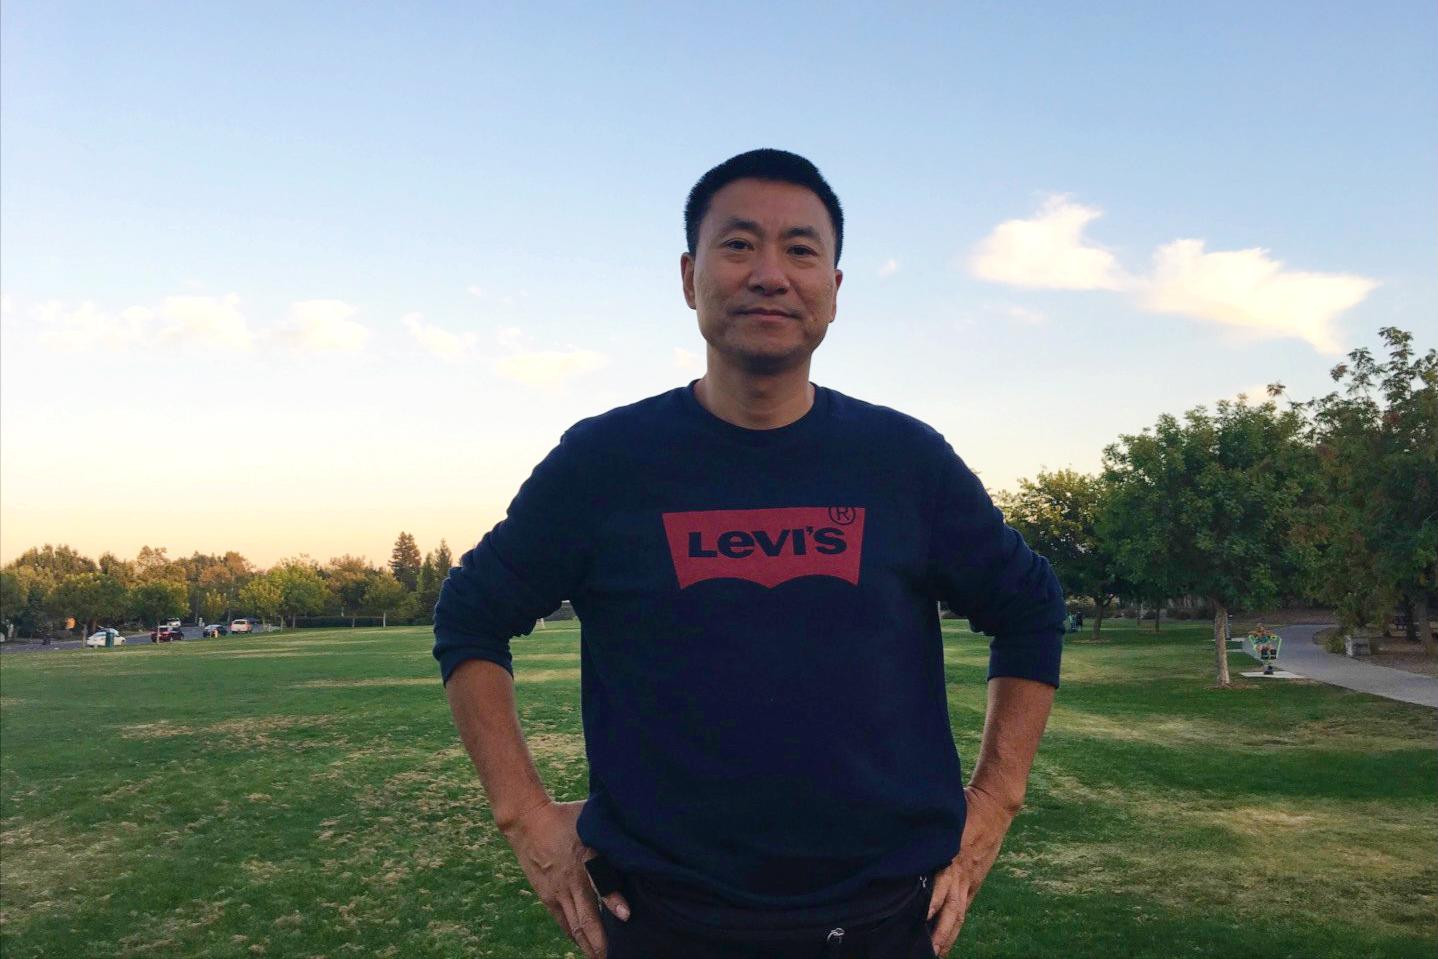 2018年9月18日,劉小輝先生在美國加州戴維斯Arroyo park公園。(受訪者提供)